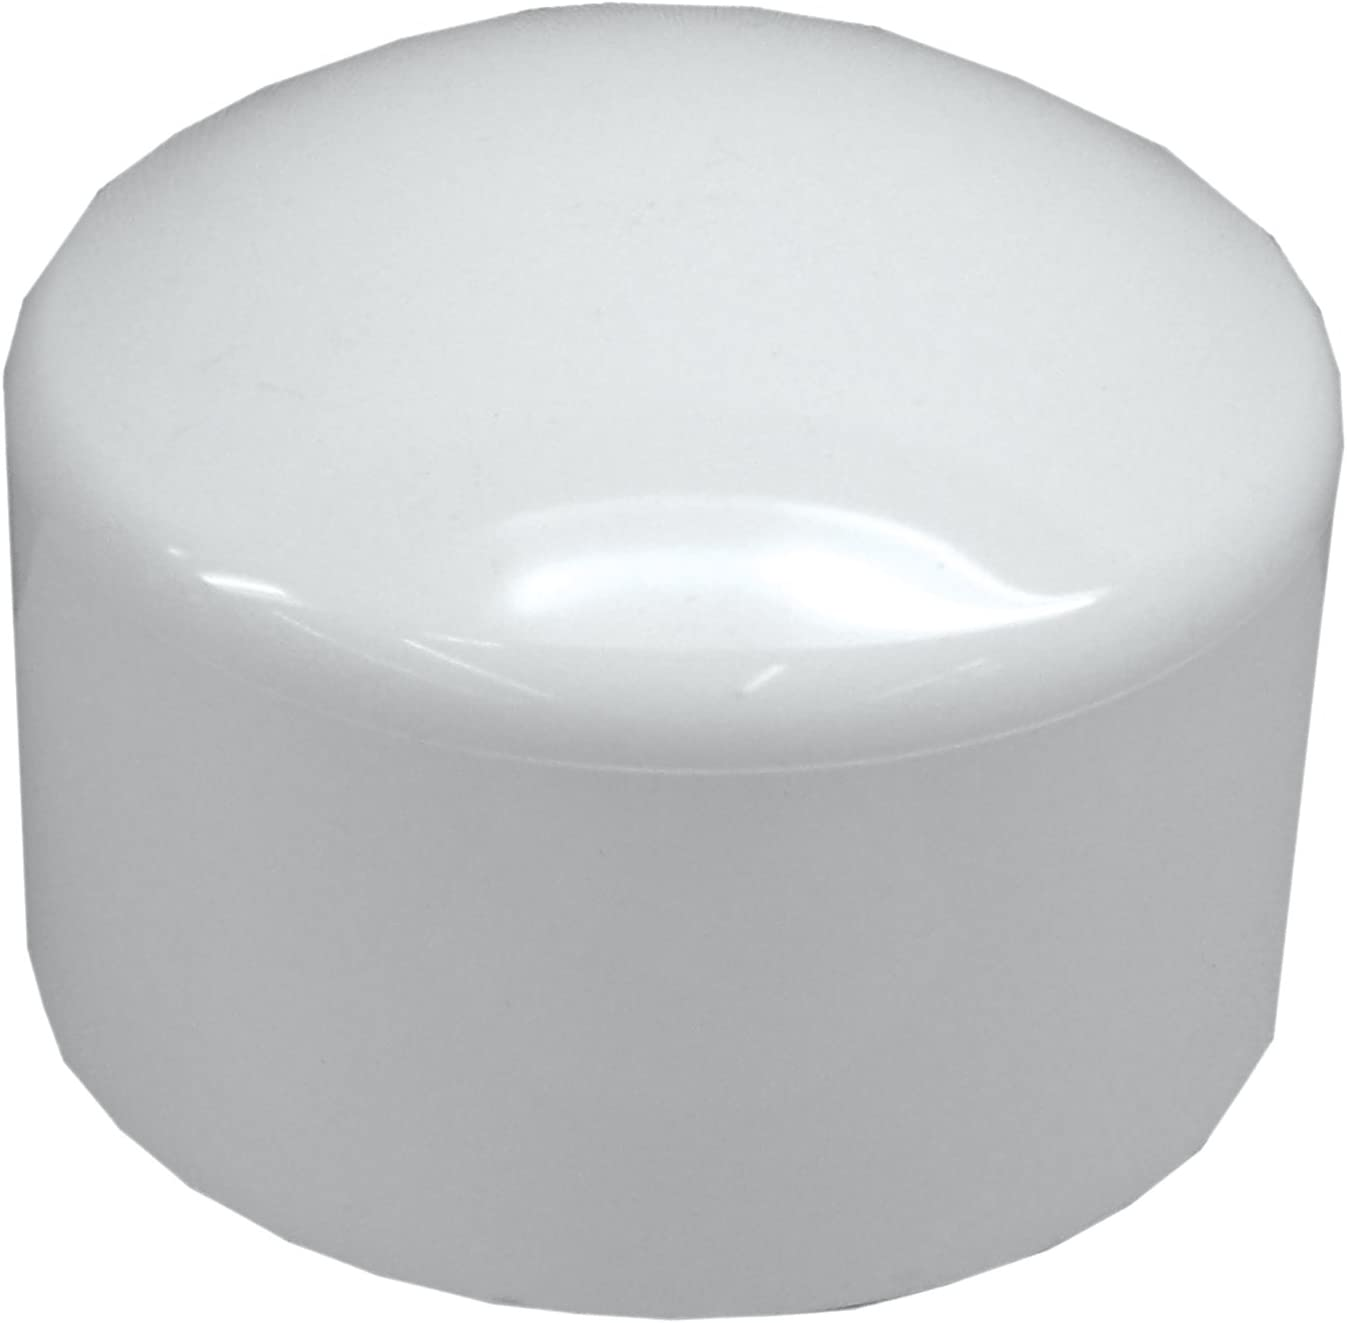 Genova Products 30150 PVC Slip Cap, 2-1/2